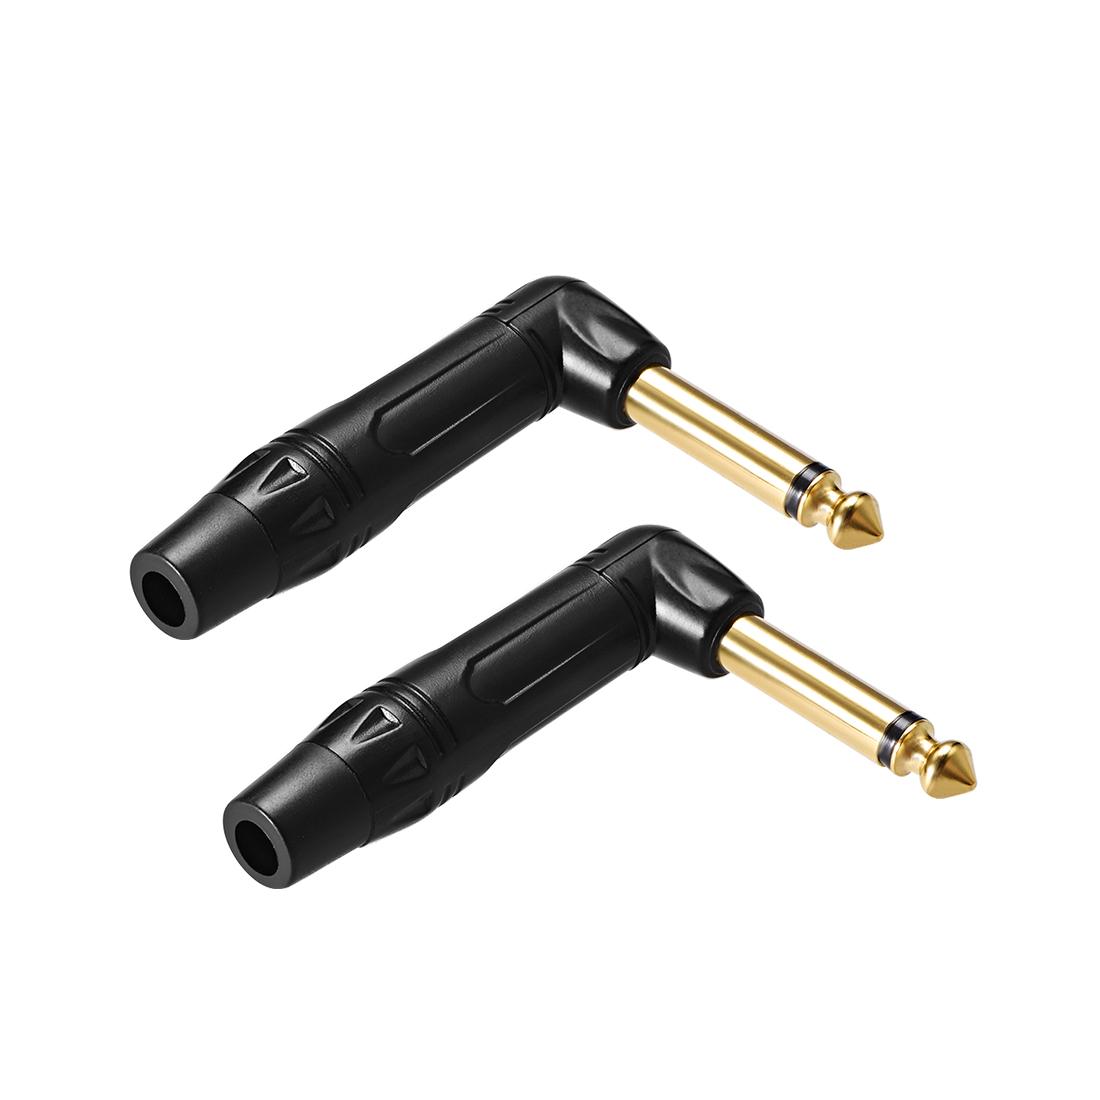 6.35mm Mono Male Jack Solder Connector 90 Degree AV TV Power Adapter Black 2Pcs